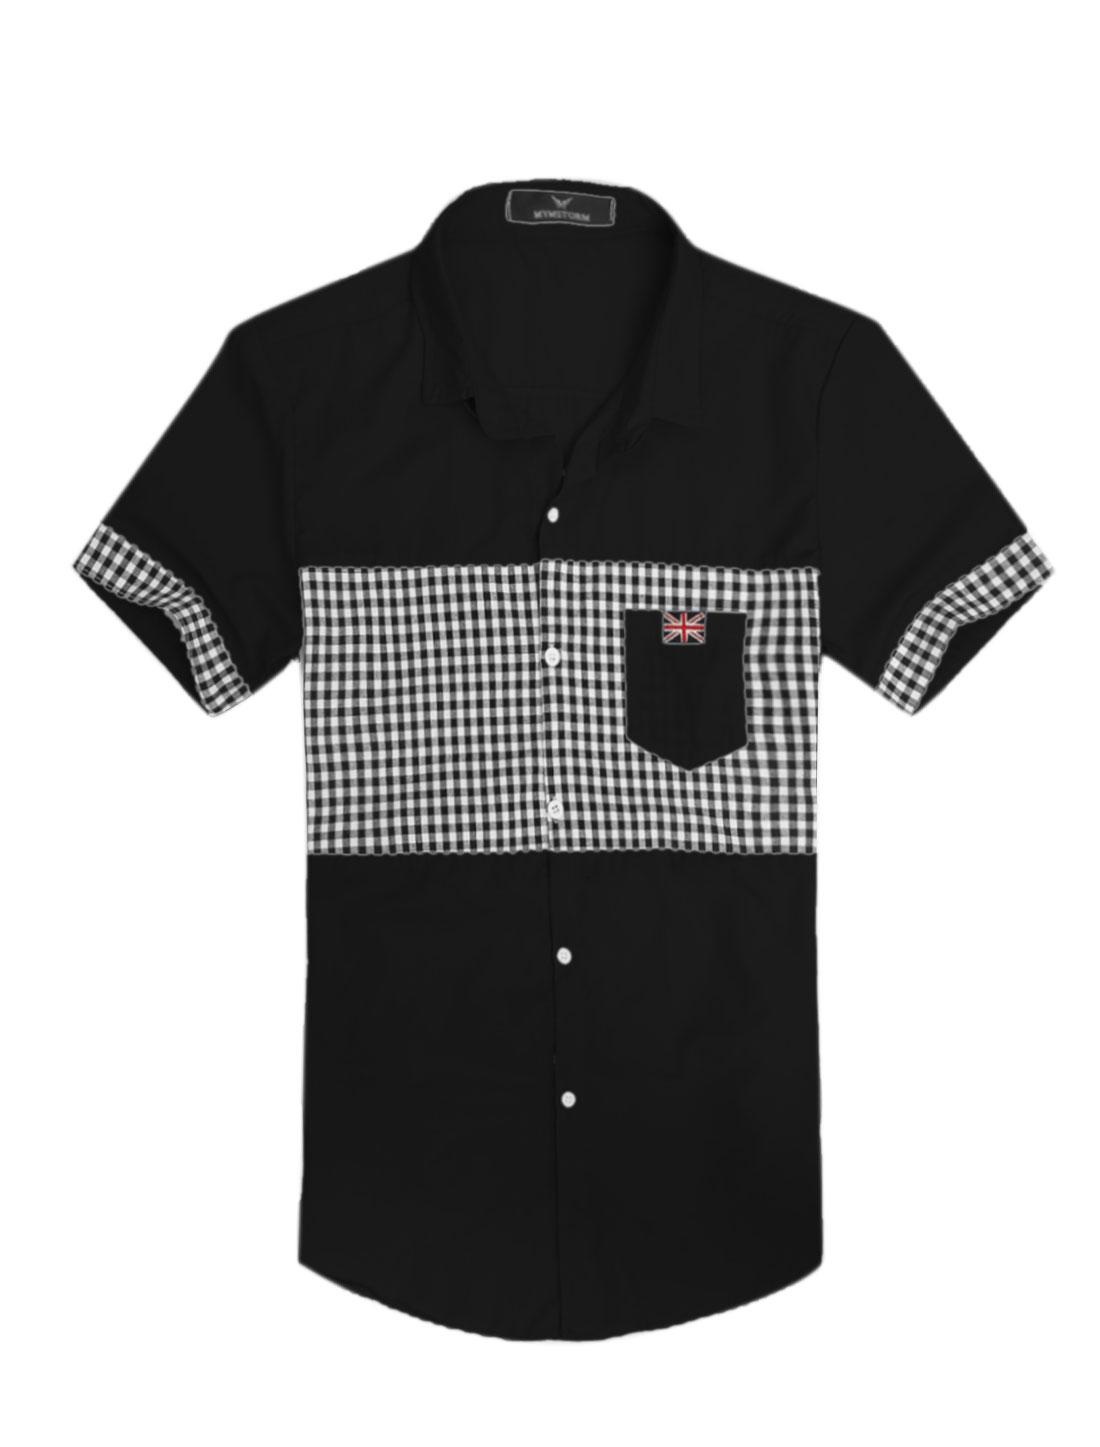 Men Point Collar Plaids Buttons Closed Slim Fit Top Shirt Black M